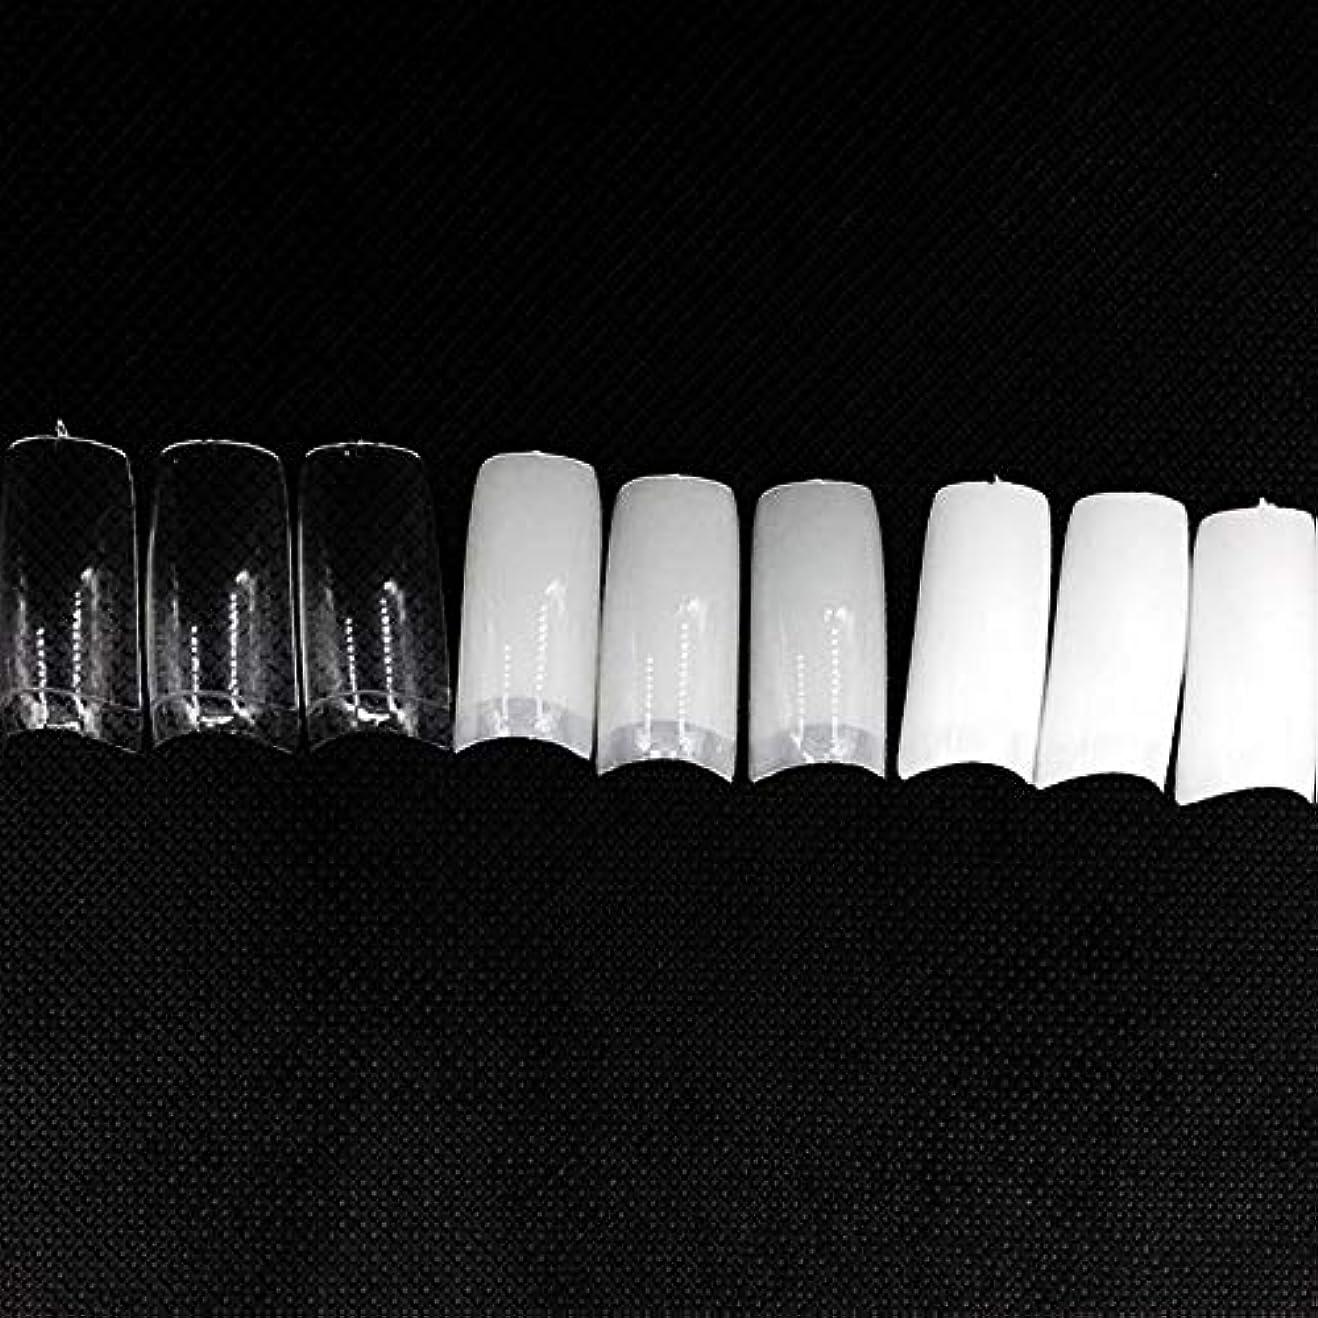 ブーストアラーム薄いですネイルチップ つけ爪 偽爪 無地 ロング オーバル 10サイズ デコレーション フルチップ シンプル DIY デザイン 500個/セット Moomai